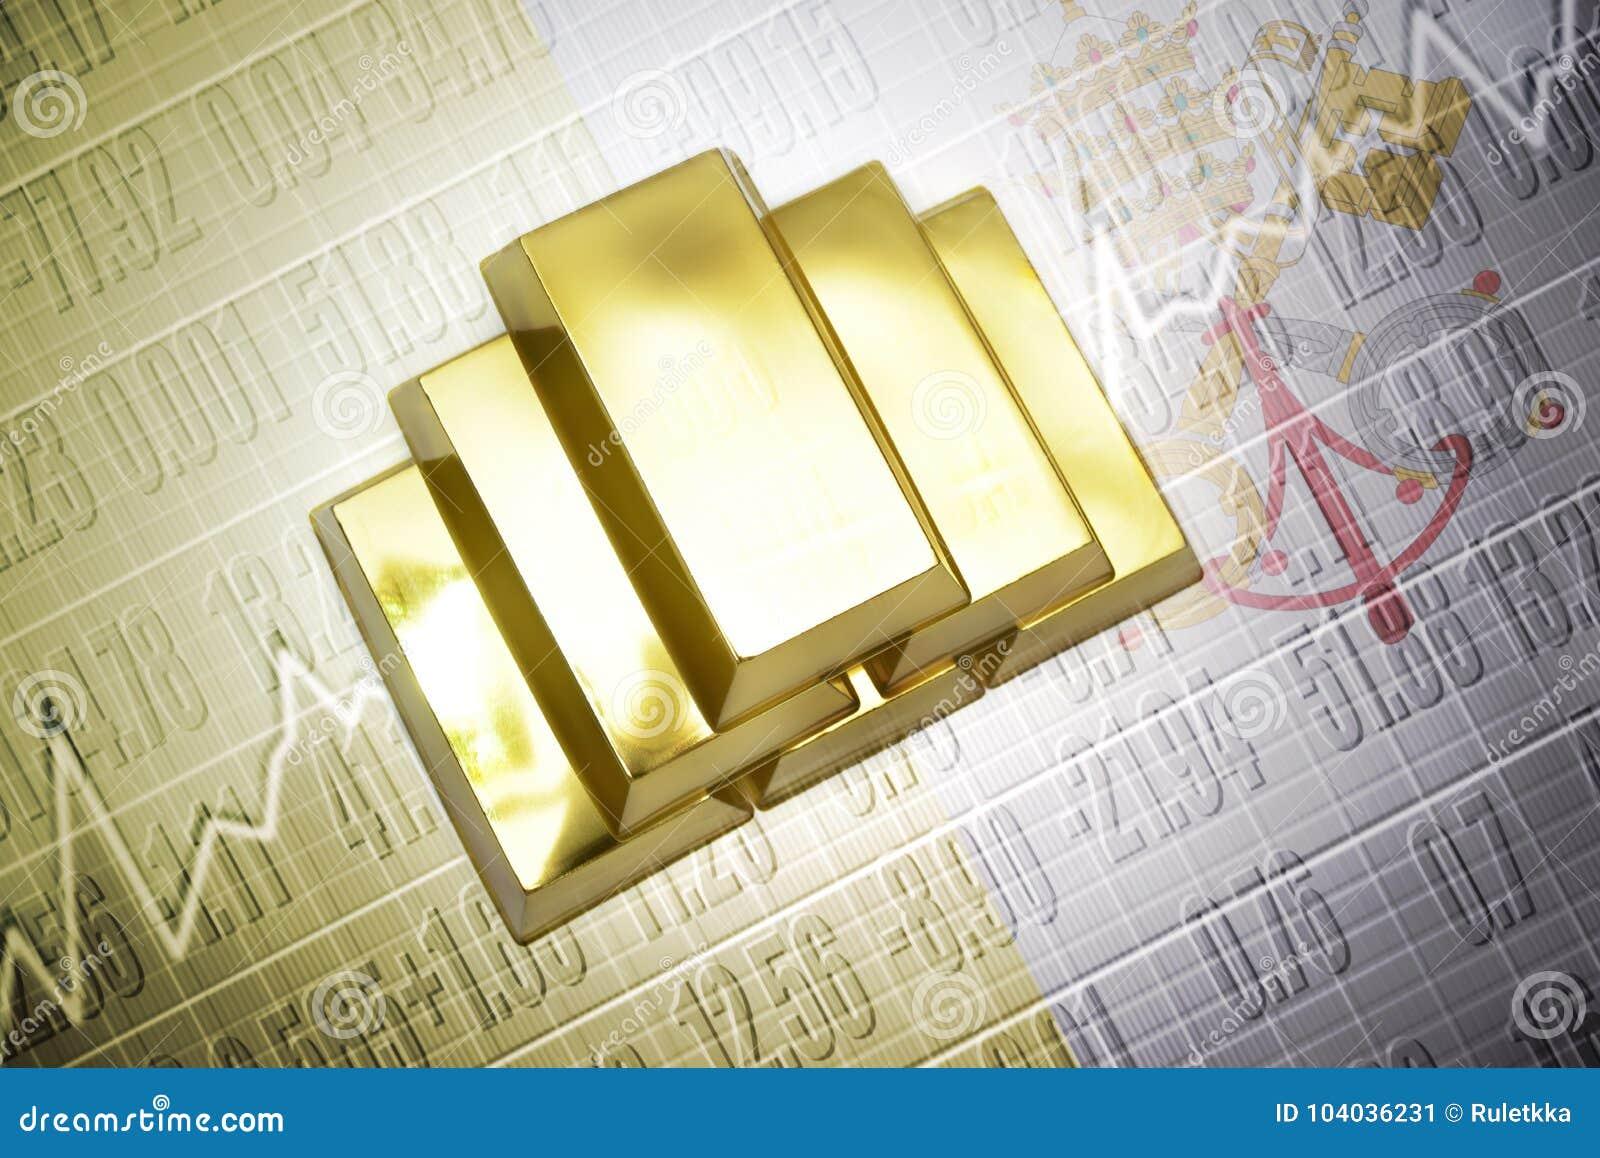 Riserve Auree Di Vaticano Illustrazione Di Stock Illustrazione Di Finanziario 104036231